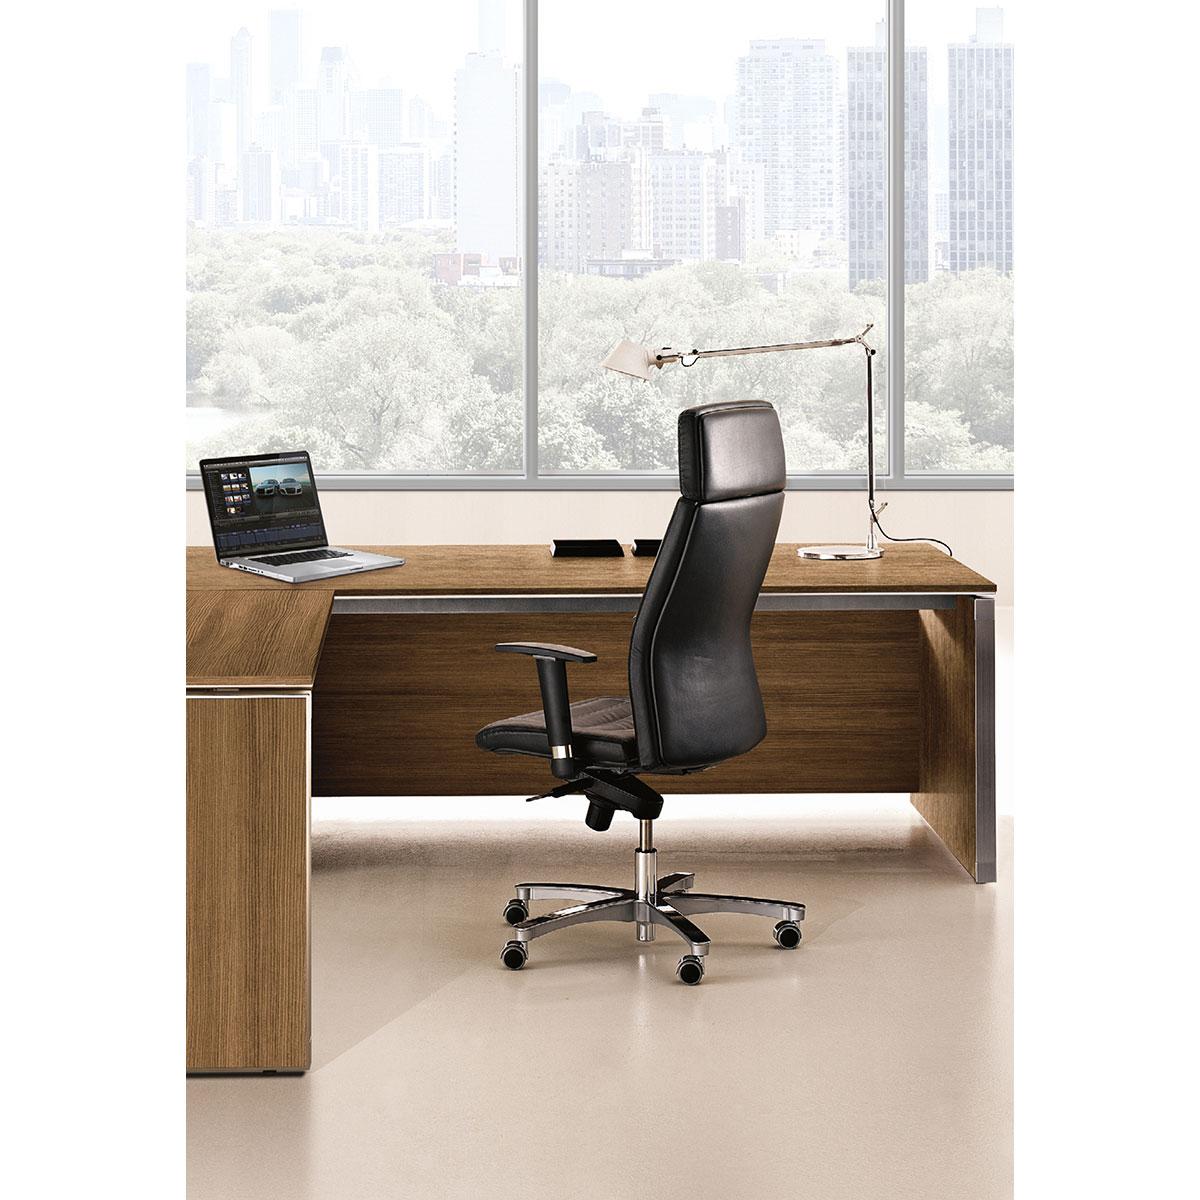 Sillas de oficina de alta calidad Neochair3